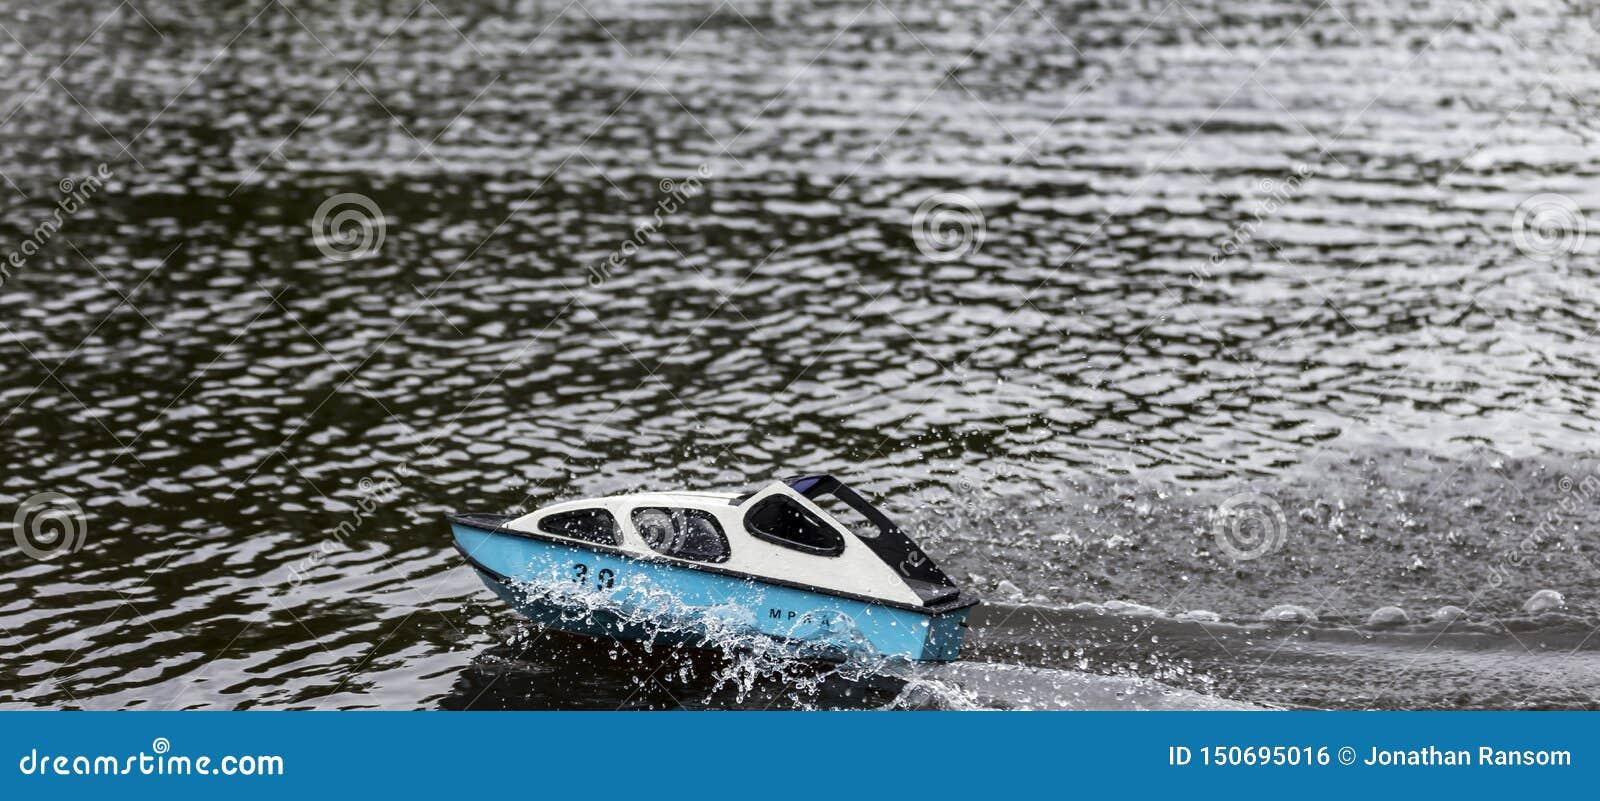 Ταχύπλοο που συναγωνίζεται σε μια λίμνη που προκαλεί τα κύματα